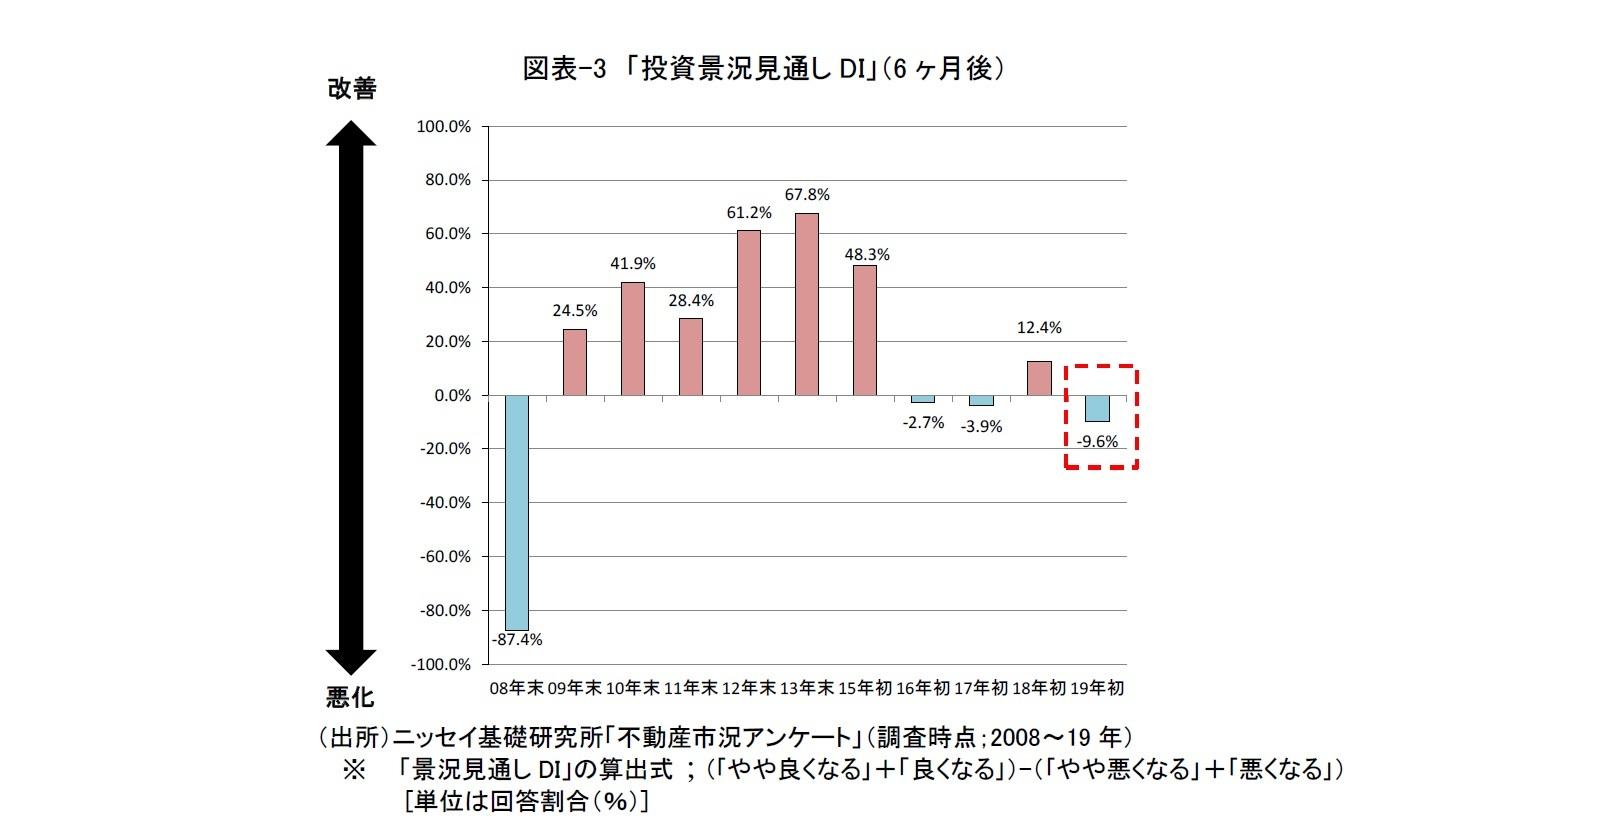 図表-3 「投資景況見通しDI」(6ヶ月後)